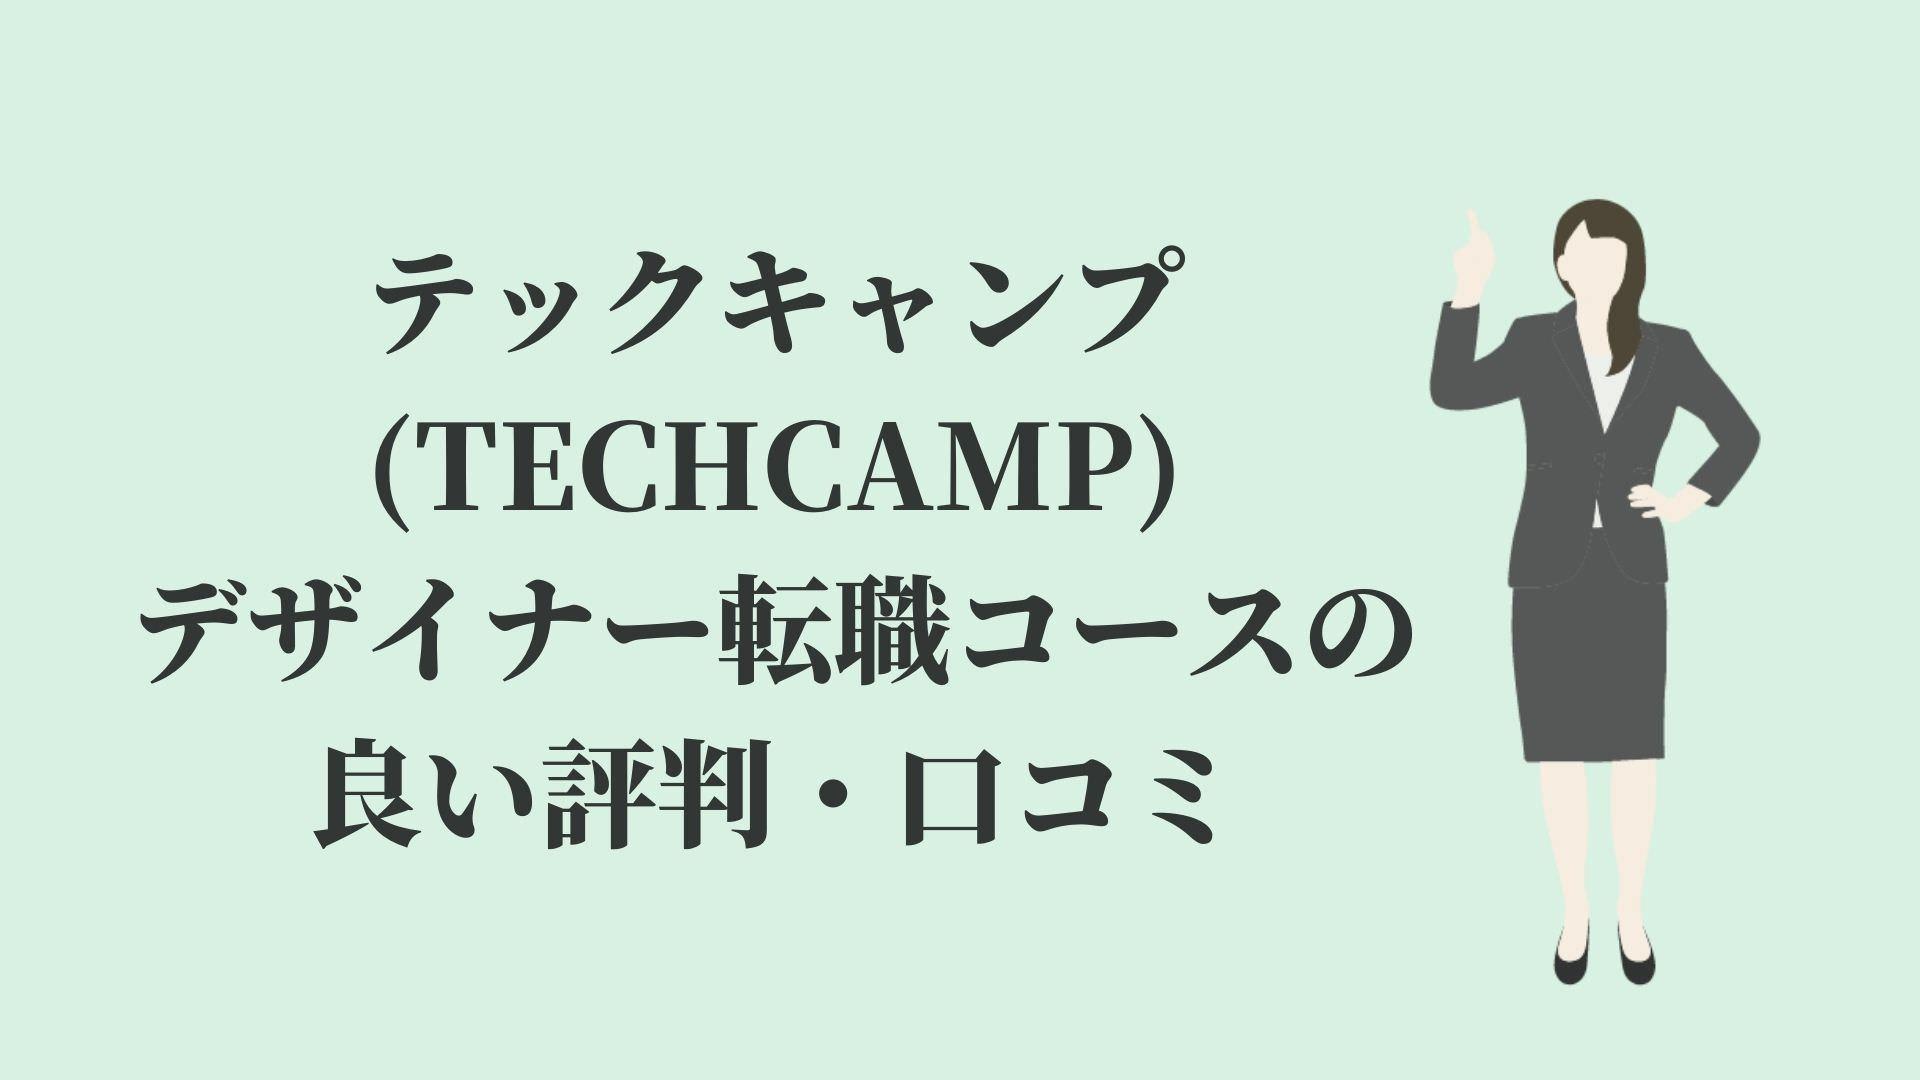 テックキャンプ(TECHCAMP)デザイナー転職コースの良い評判・口コミ